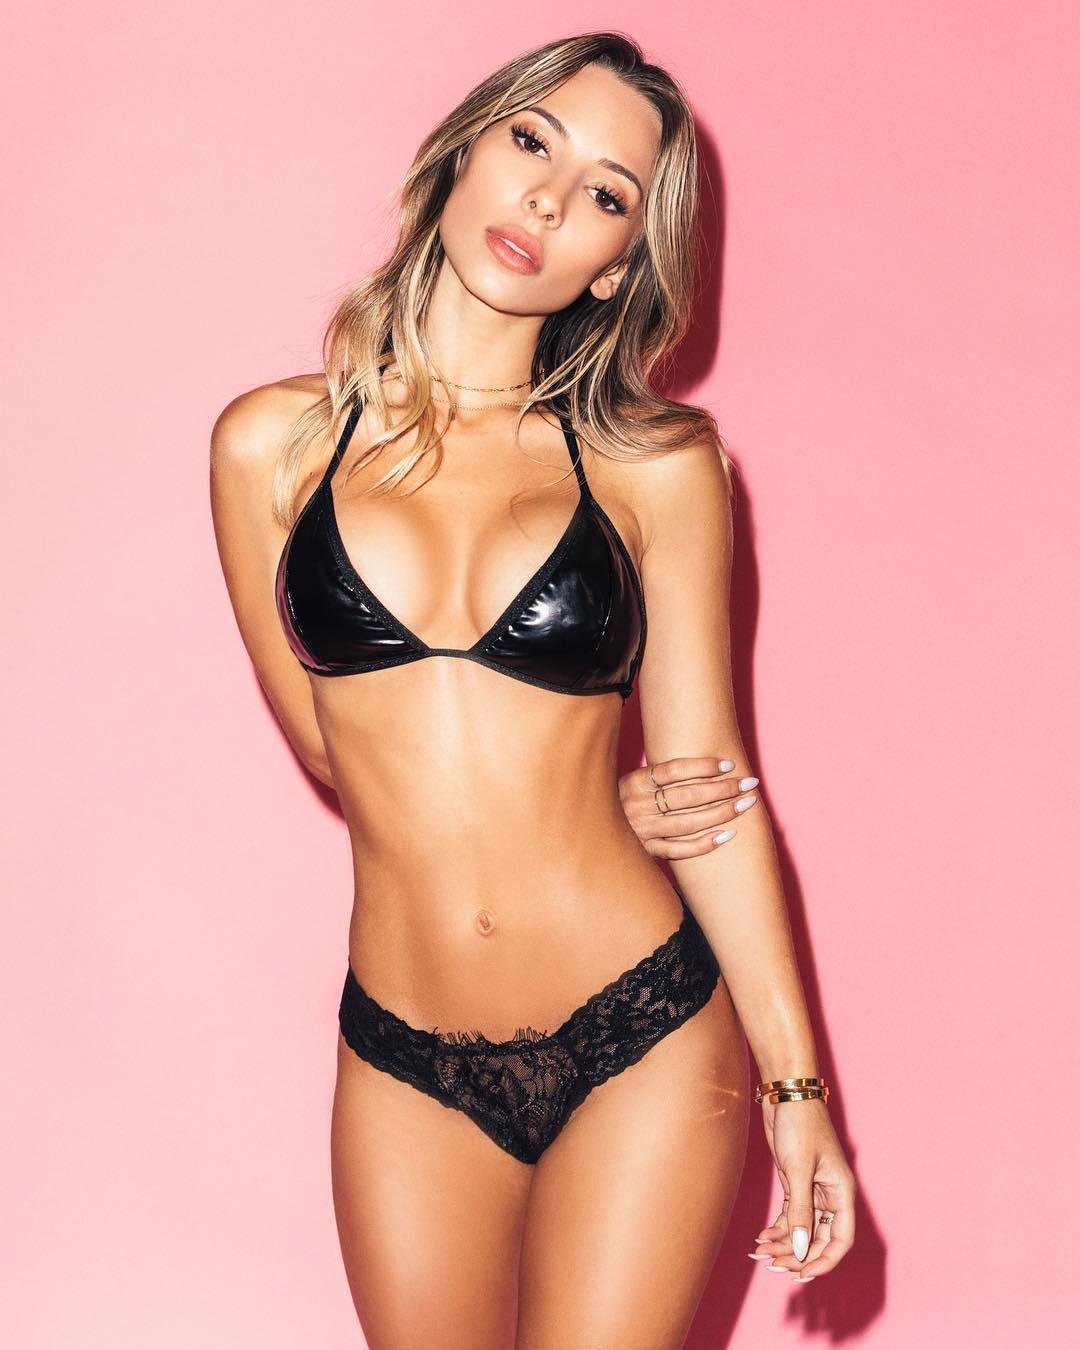 ayla-woodruff-black-bikini